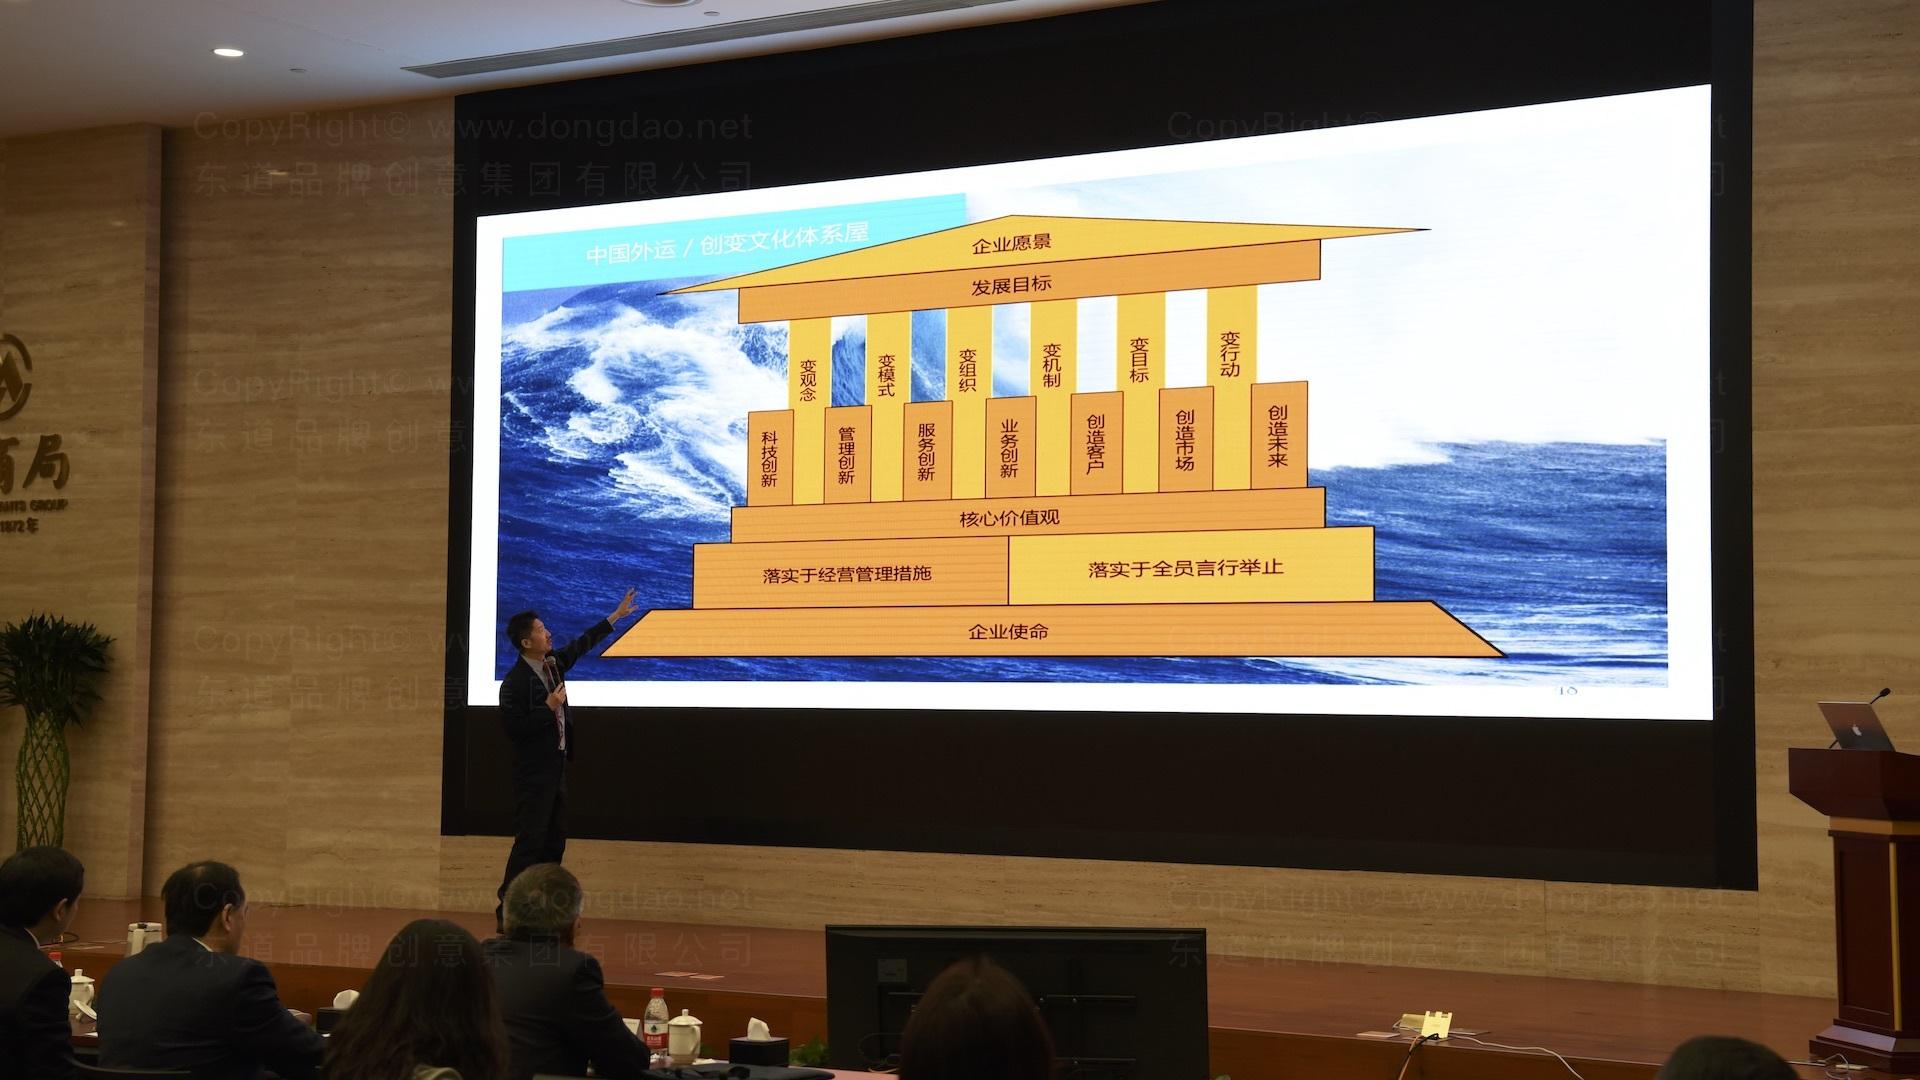 品牌战略&企业文化中国外运企业文化落地项目企业文化手册应用场景_30